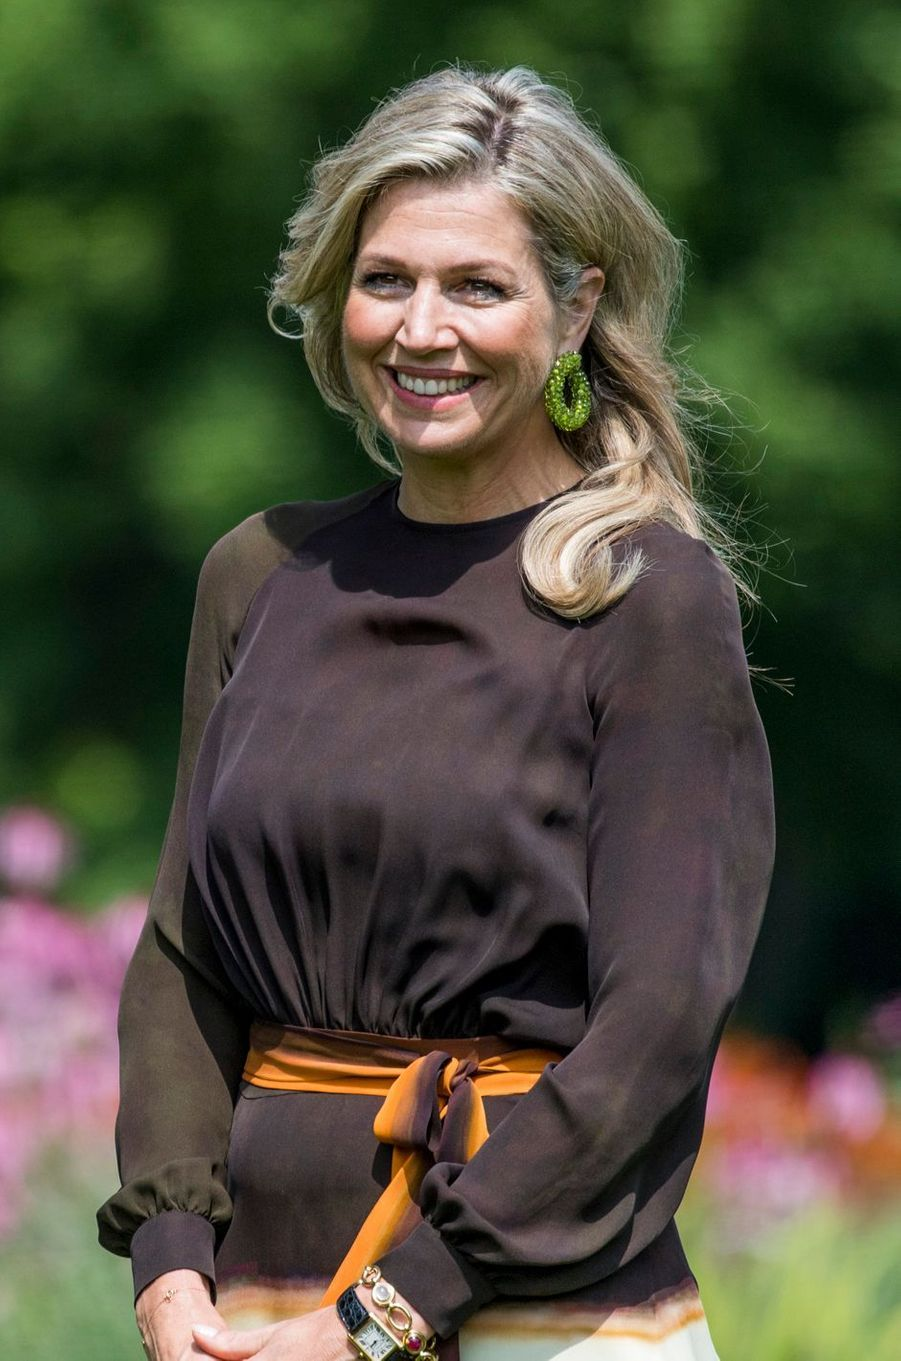 Les boucles d'oreille de la reine Maxima des Pays-Bas à La Haye, le 19 juillet 2019